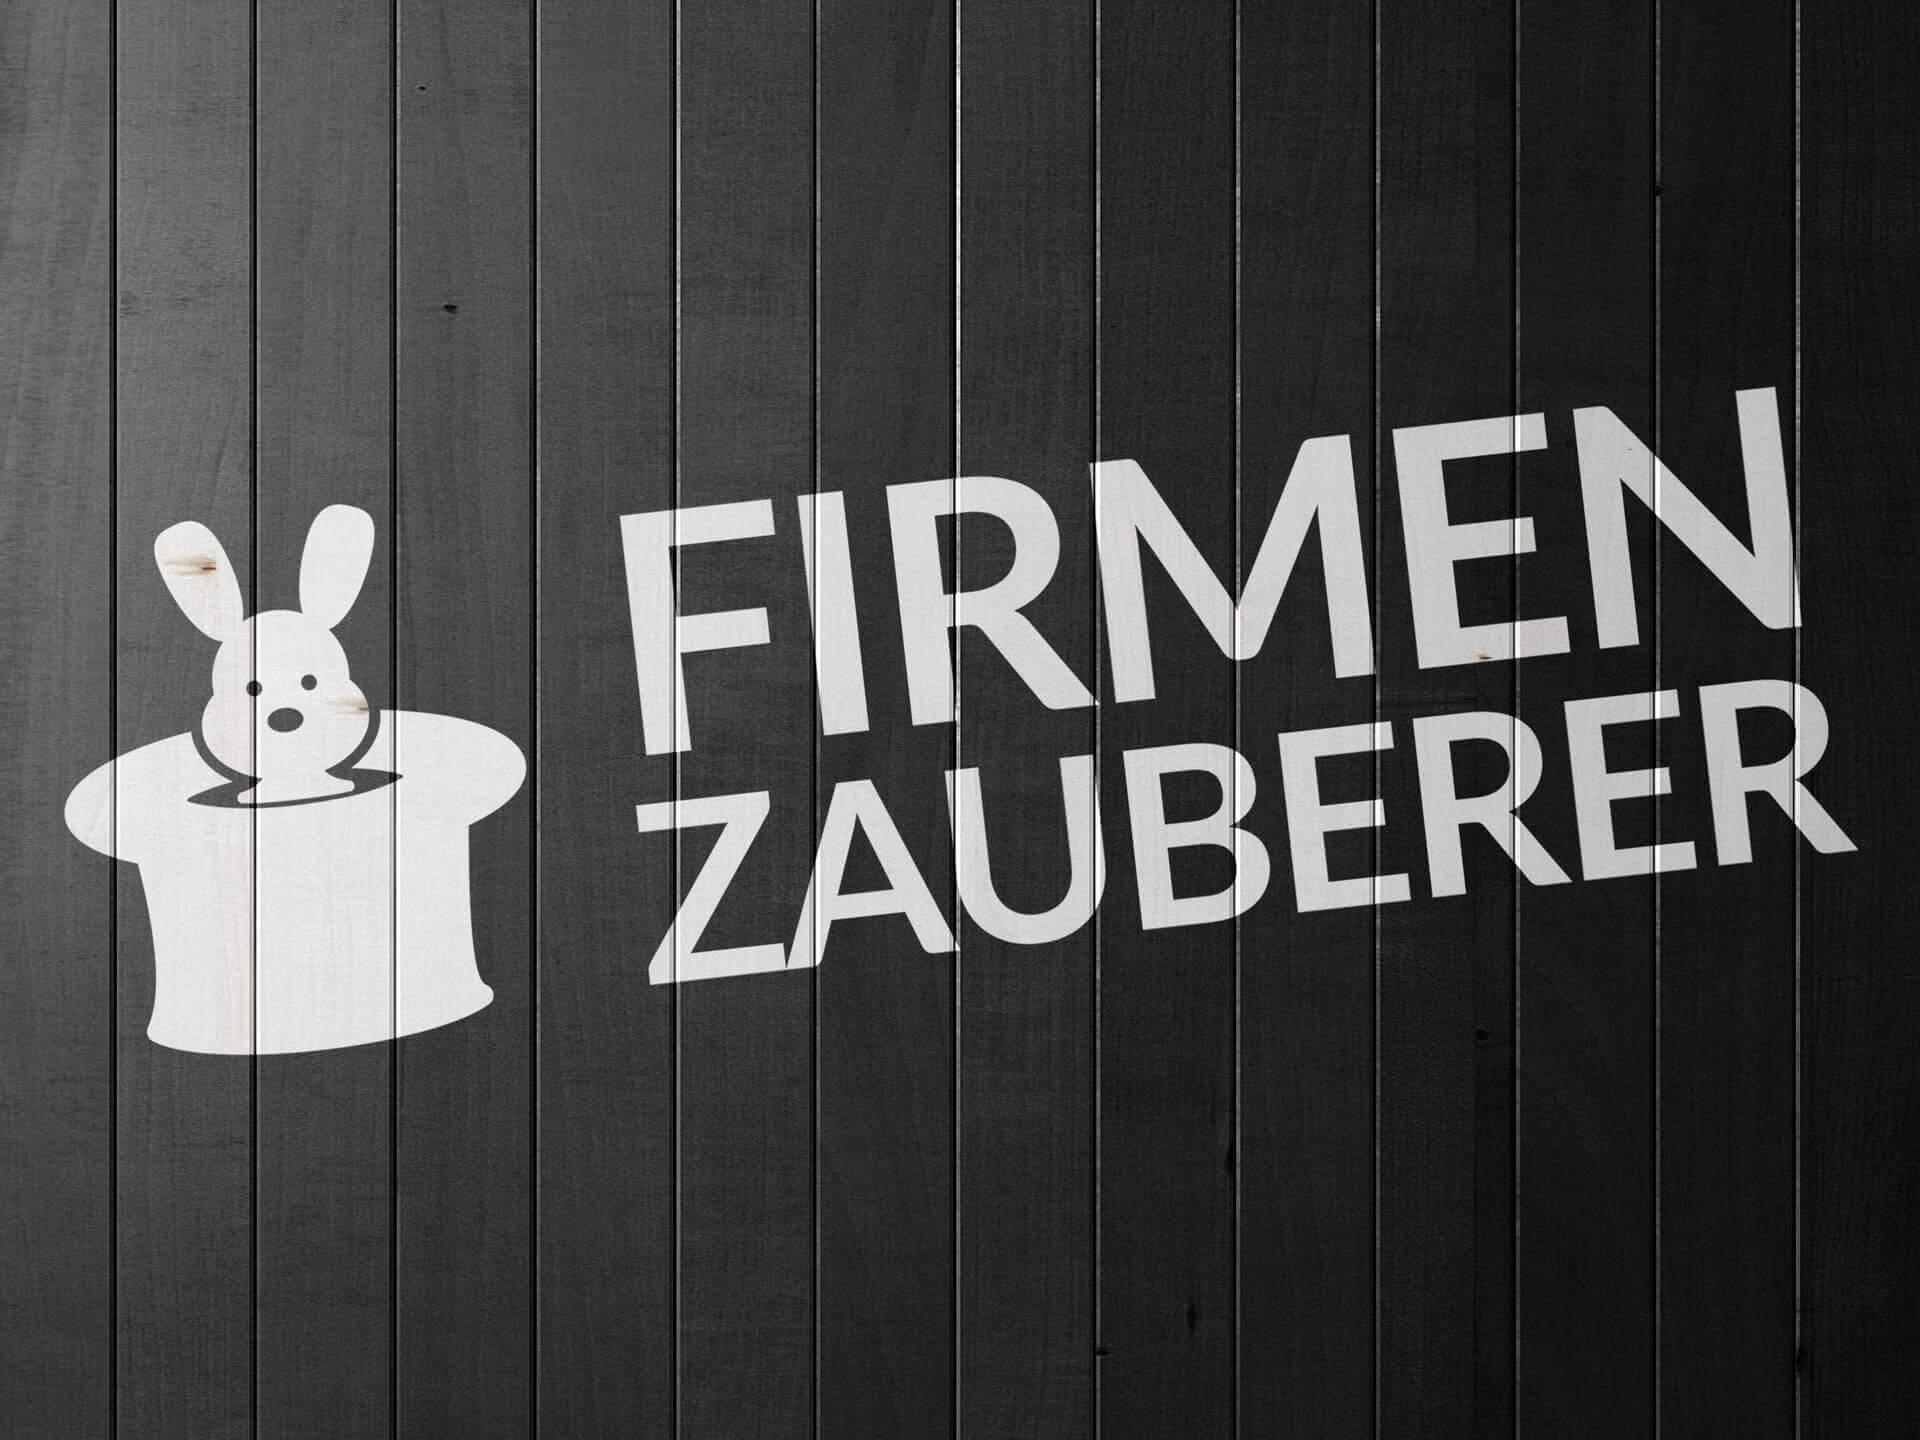 Firmenzauberer - Logo